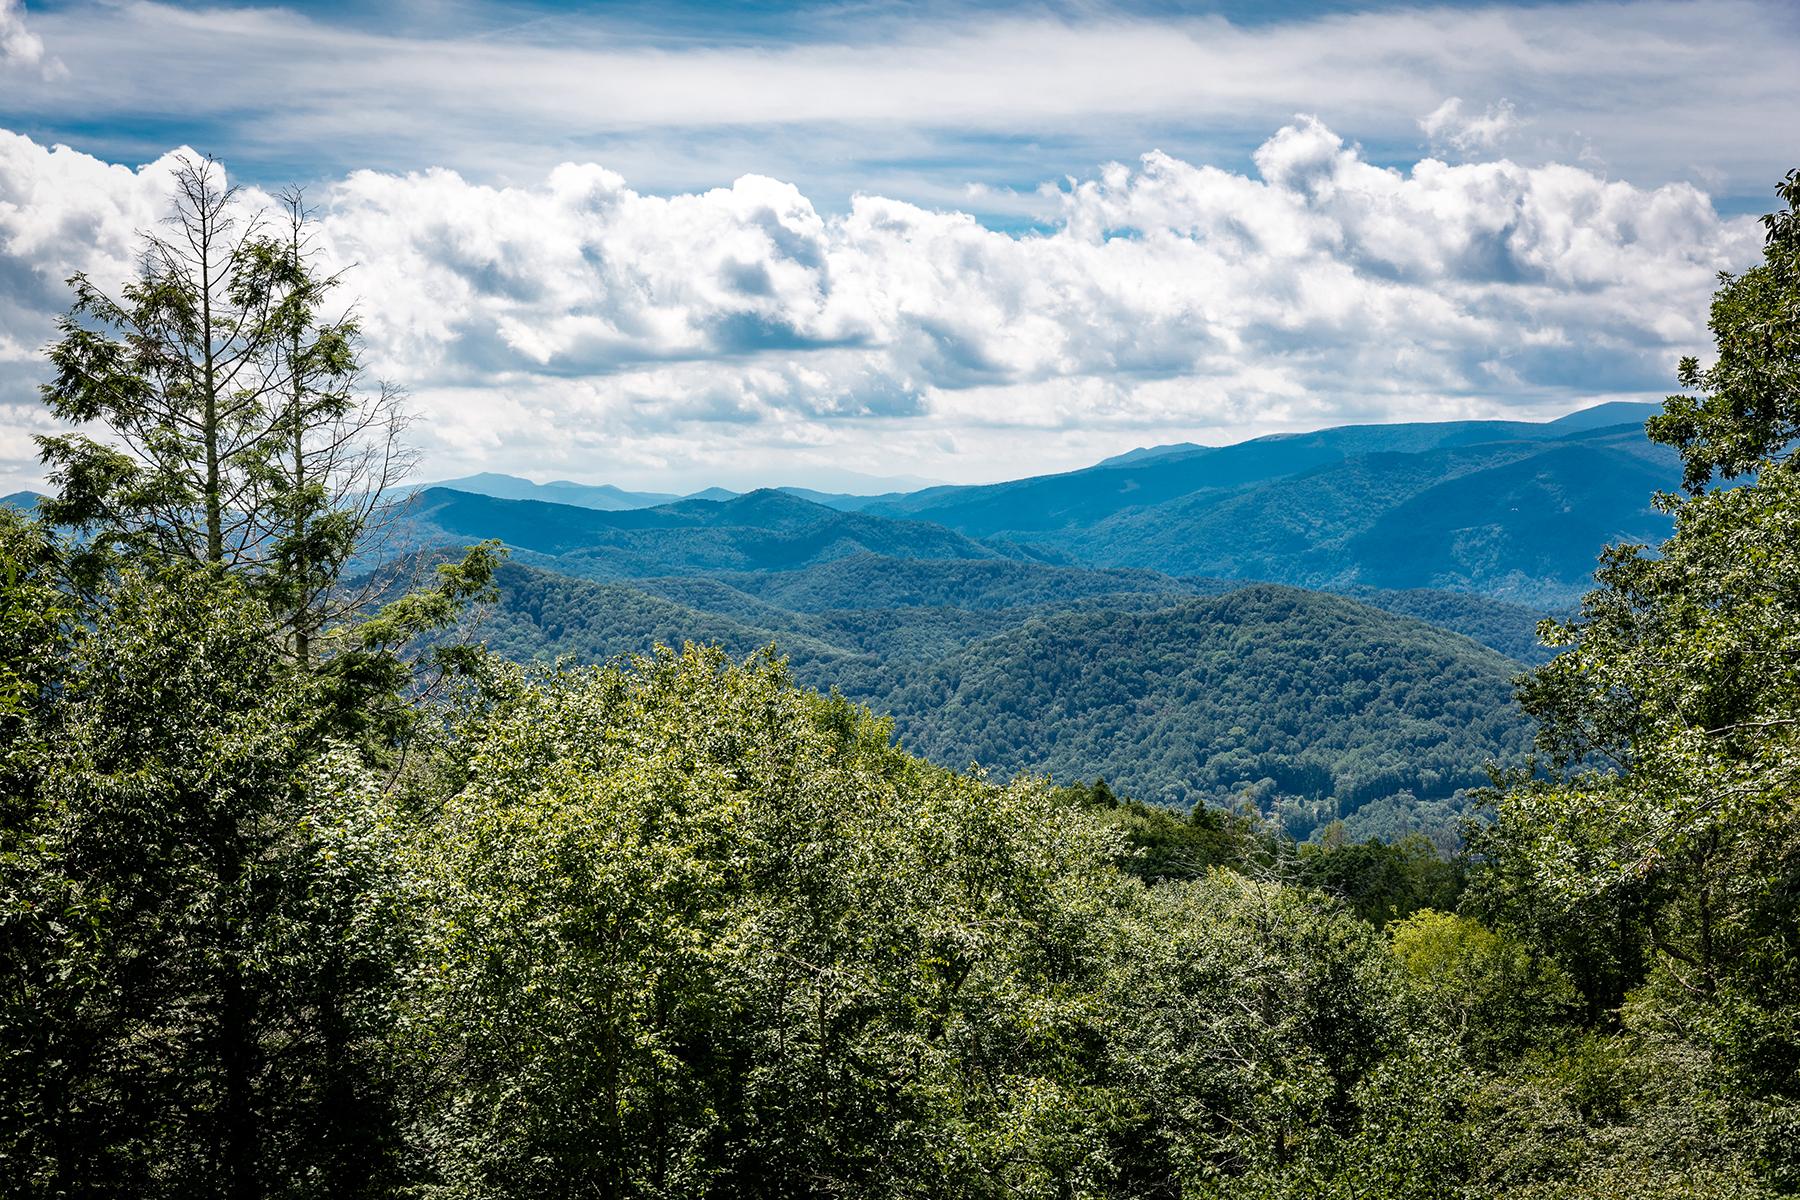 Land for Sale at BANNER ELK - EAGLES NEST TBD Smokerise Dr, Banner Elk, North Carolina 28604 United States